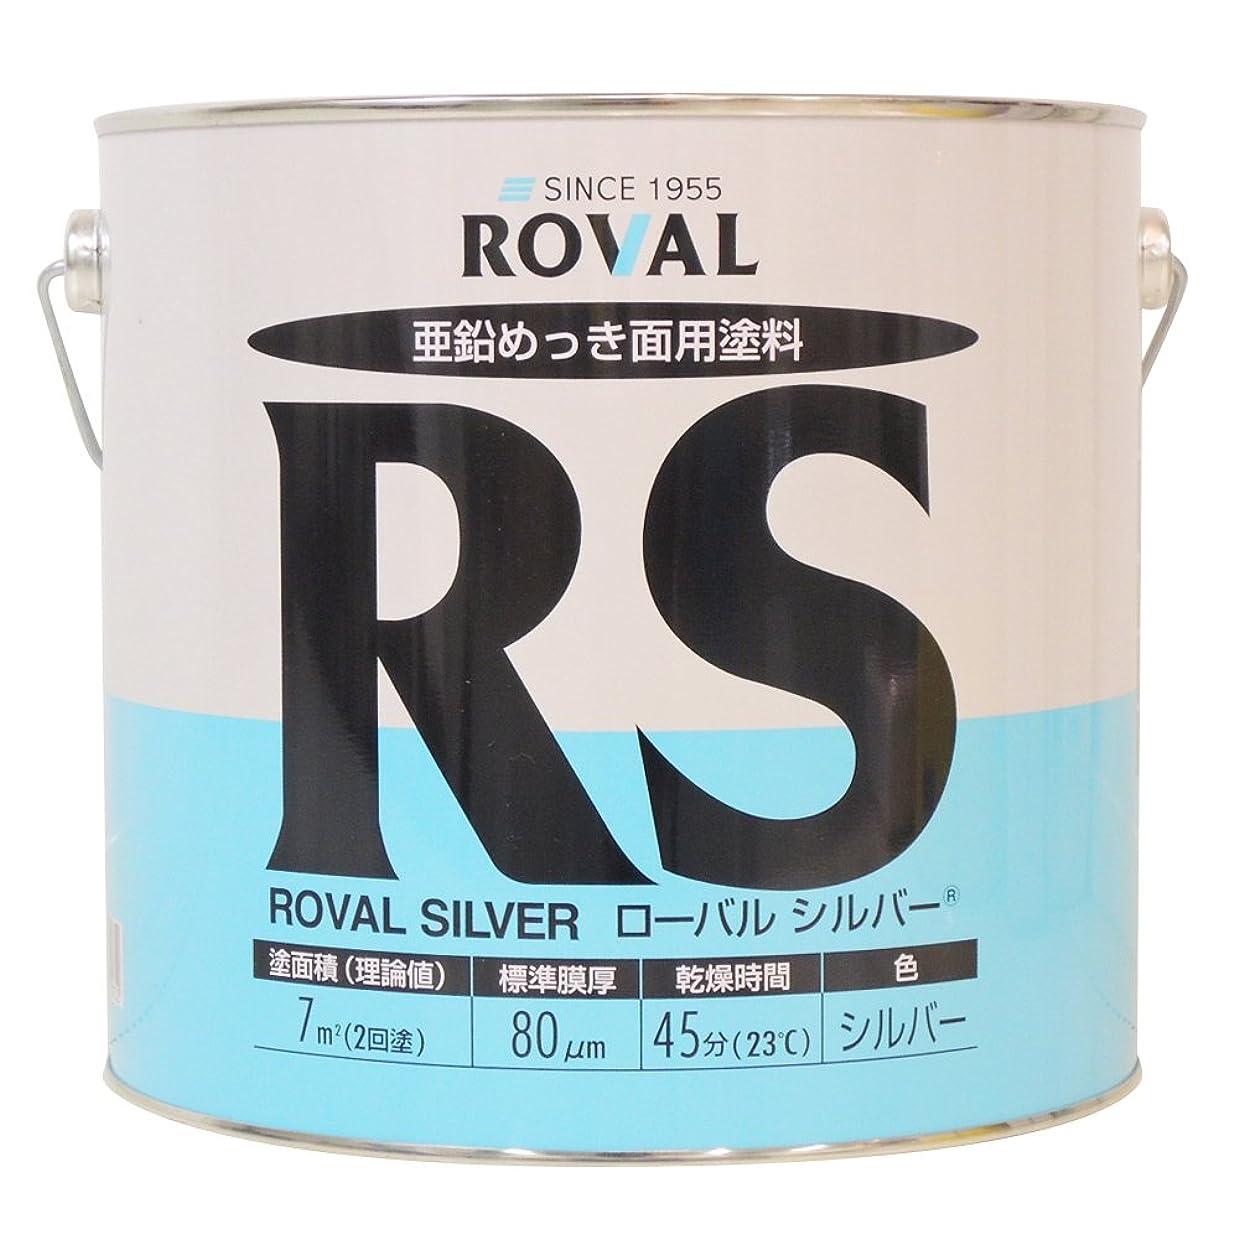 盲信一般的に補助金ROVAL シルバージンクリッチ ローバルシルバー RS-3.5KG 3.5kg